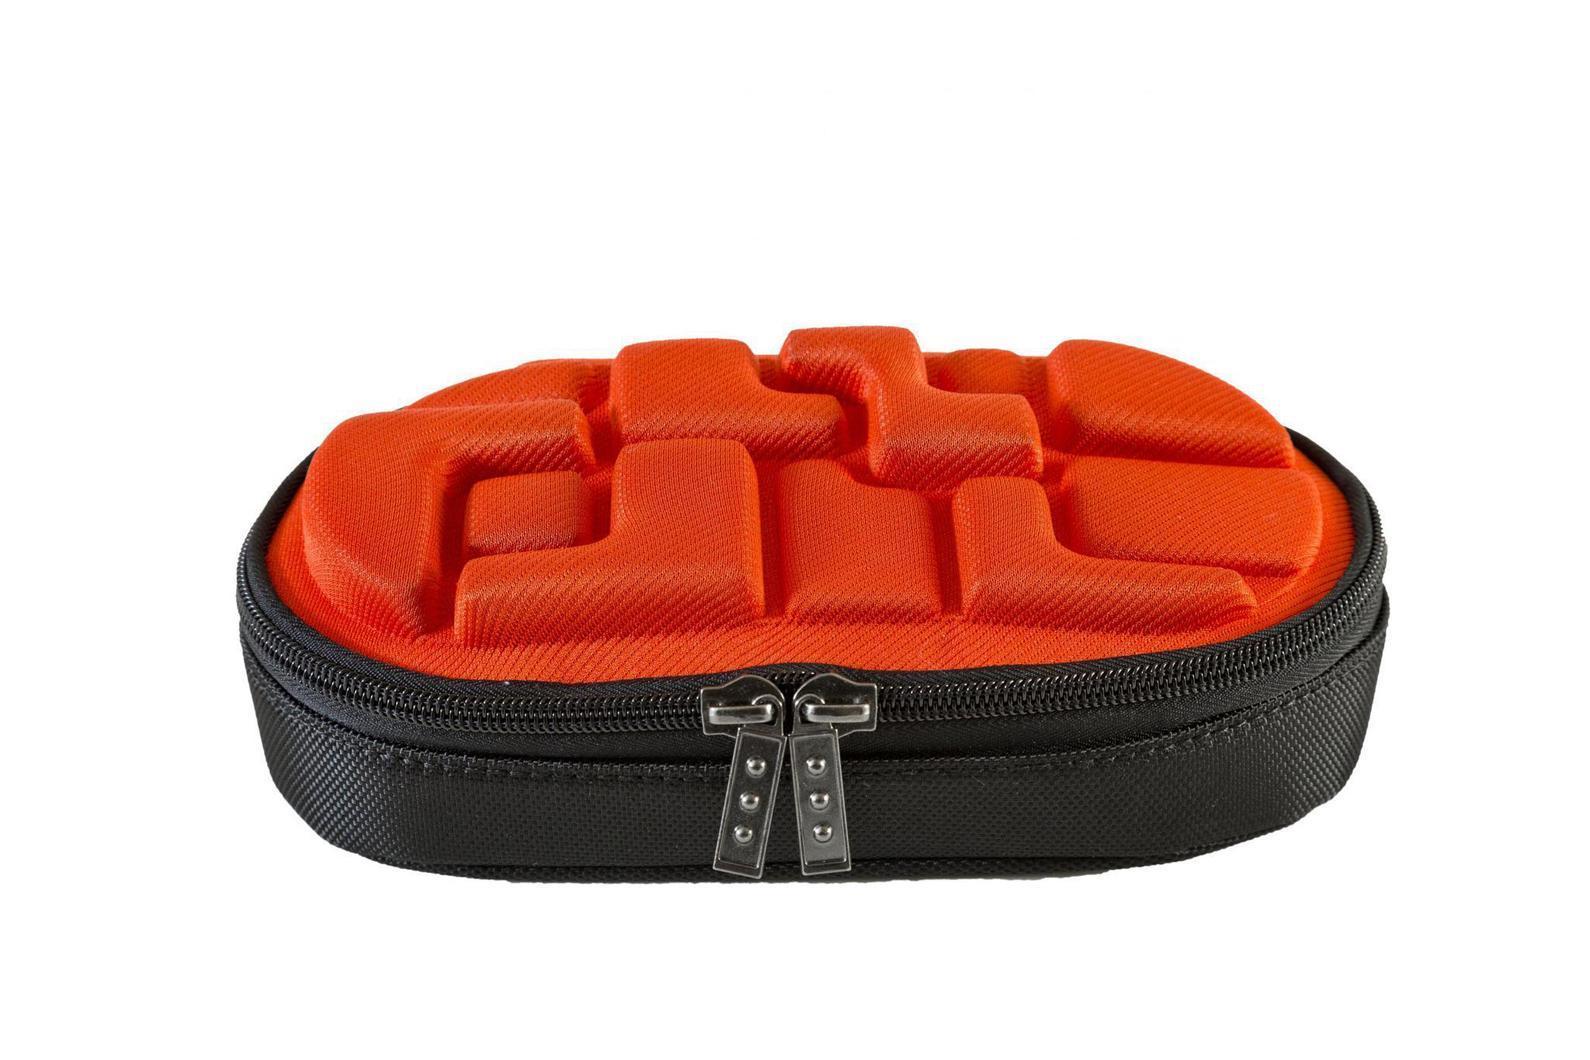 Пенал MadPax LedLox Pencil Case, цвет: оранжевый49031-90\BCDПенал школьный прямоугольный, на молнии, с одним отделением, без наполнения. Стильное оформление в виде кубических форм, прекрасно подходит к рюкзакам коллекции Blok. Необходимый и модный аксессуар для школьников, стремящихся быть оригинальными и неповторимыми.